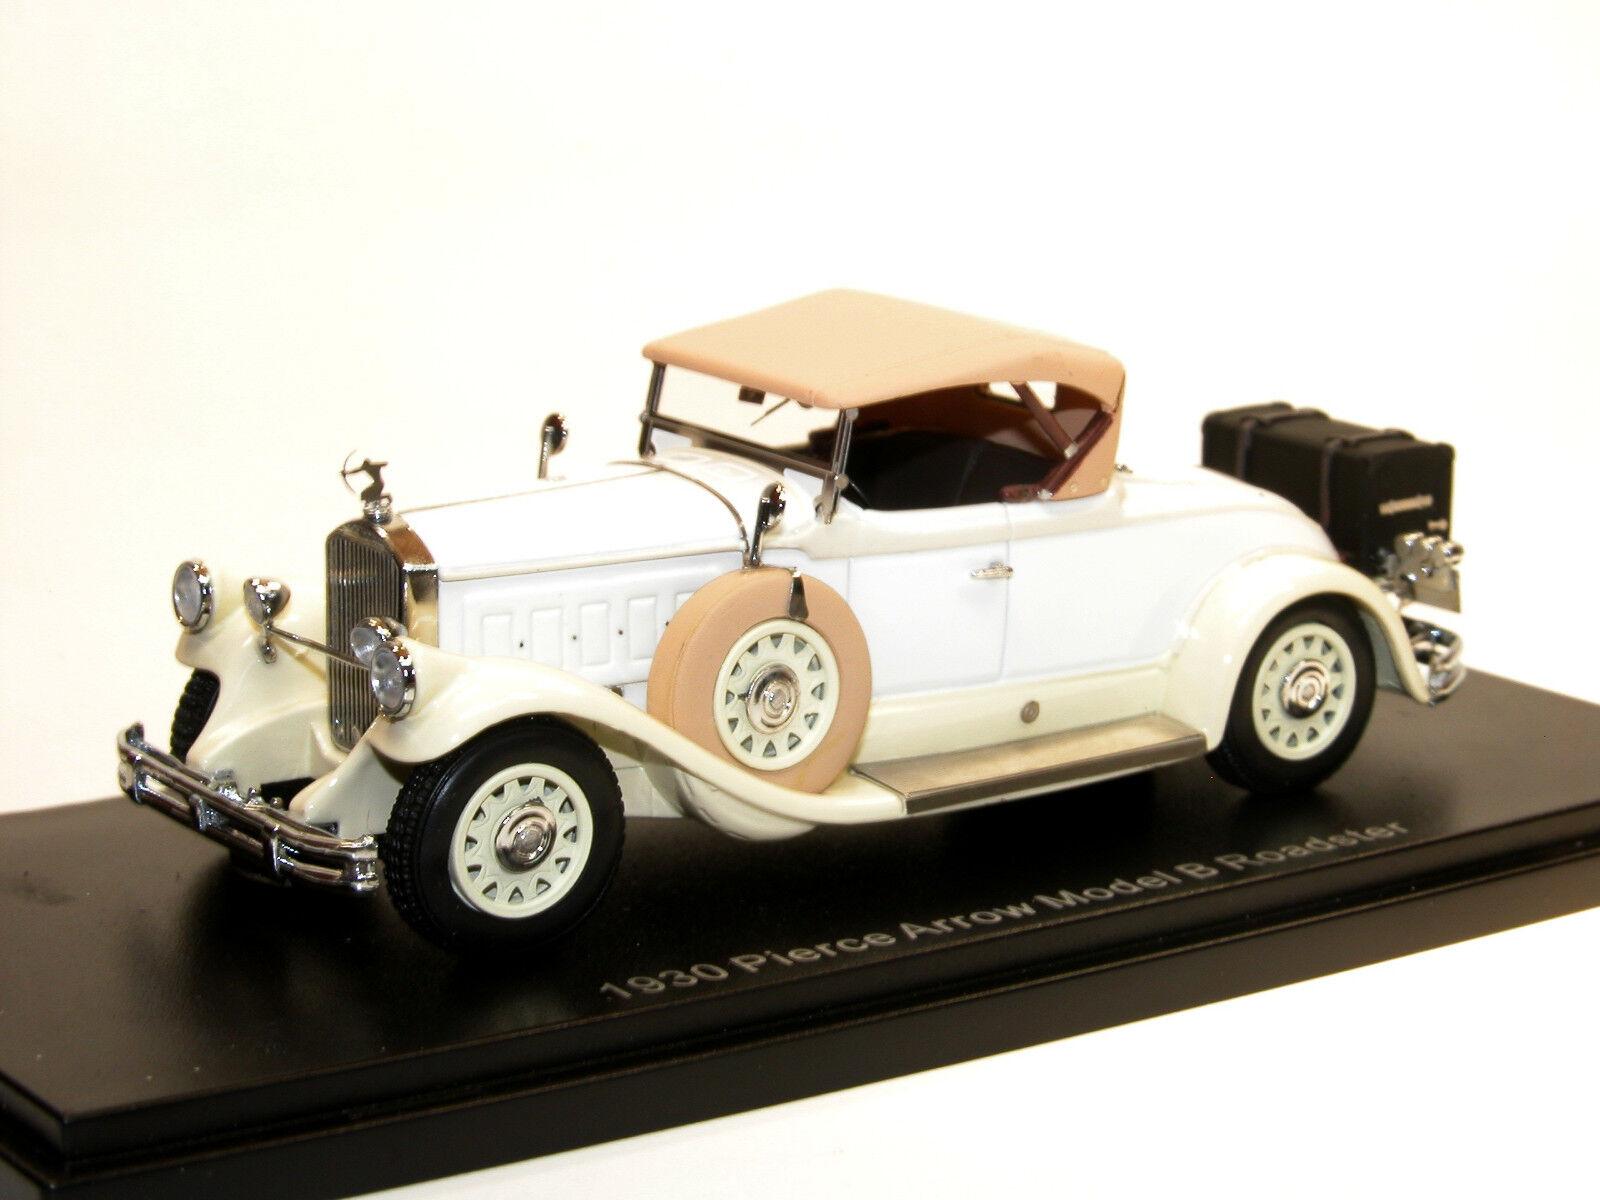 Esval modelle, 1930 pierce arrow modell b roadster, top, 1   43 ausführliche